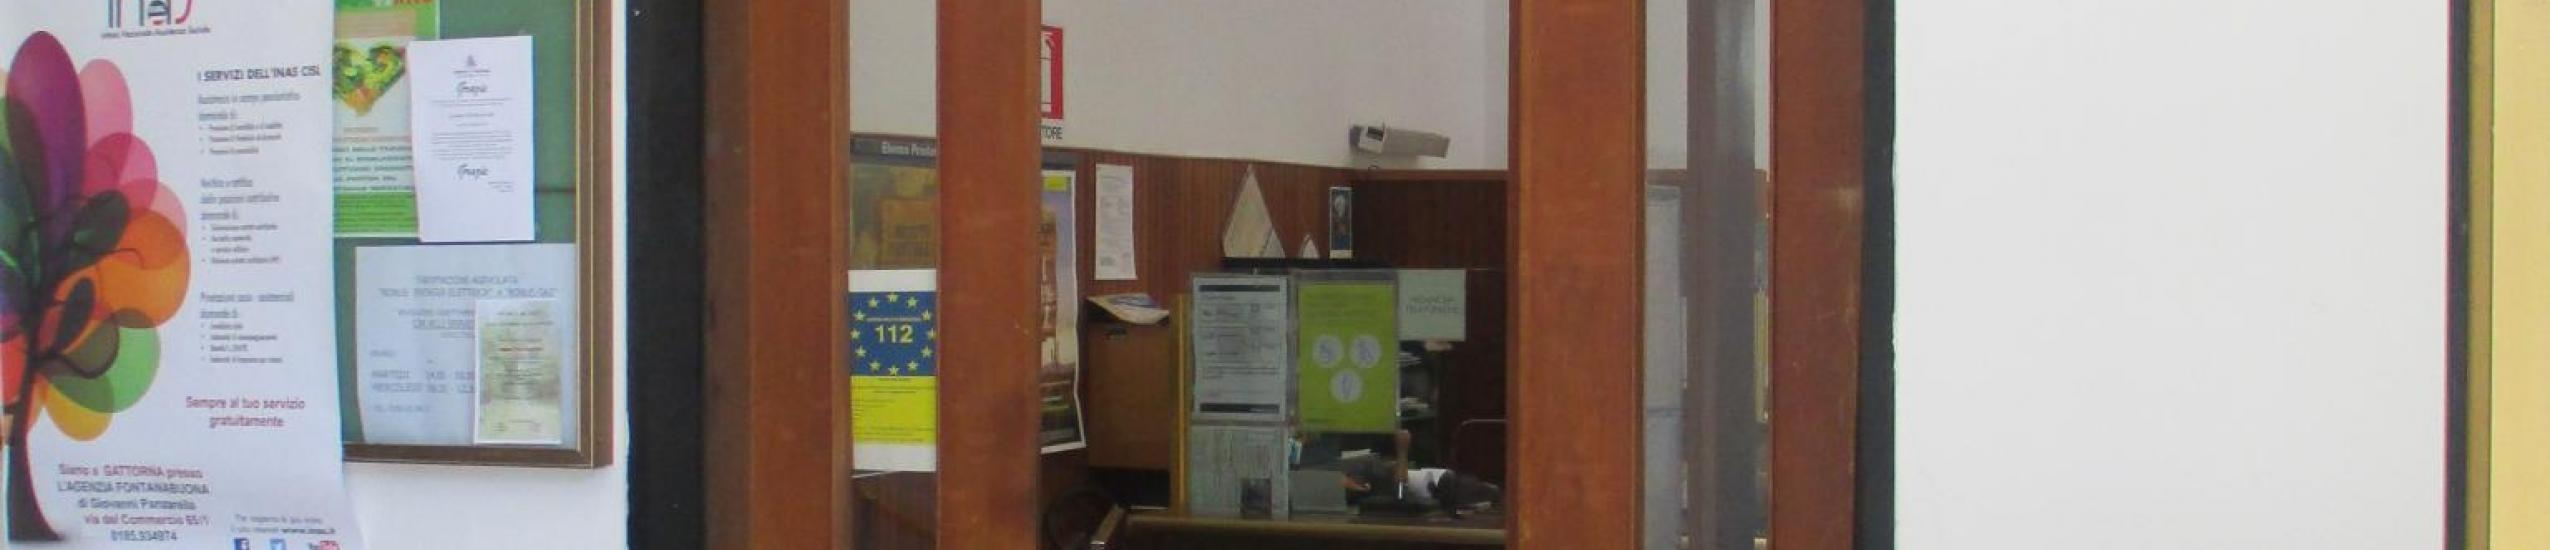 Ufficio postale al primo piano del Comune